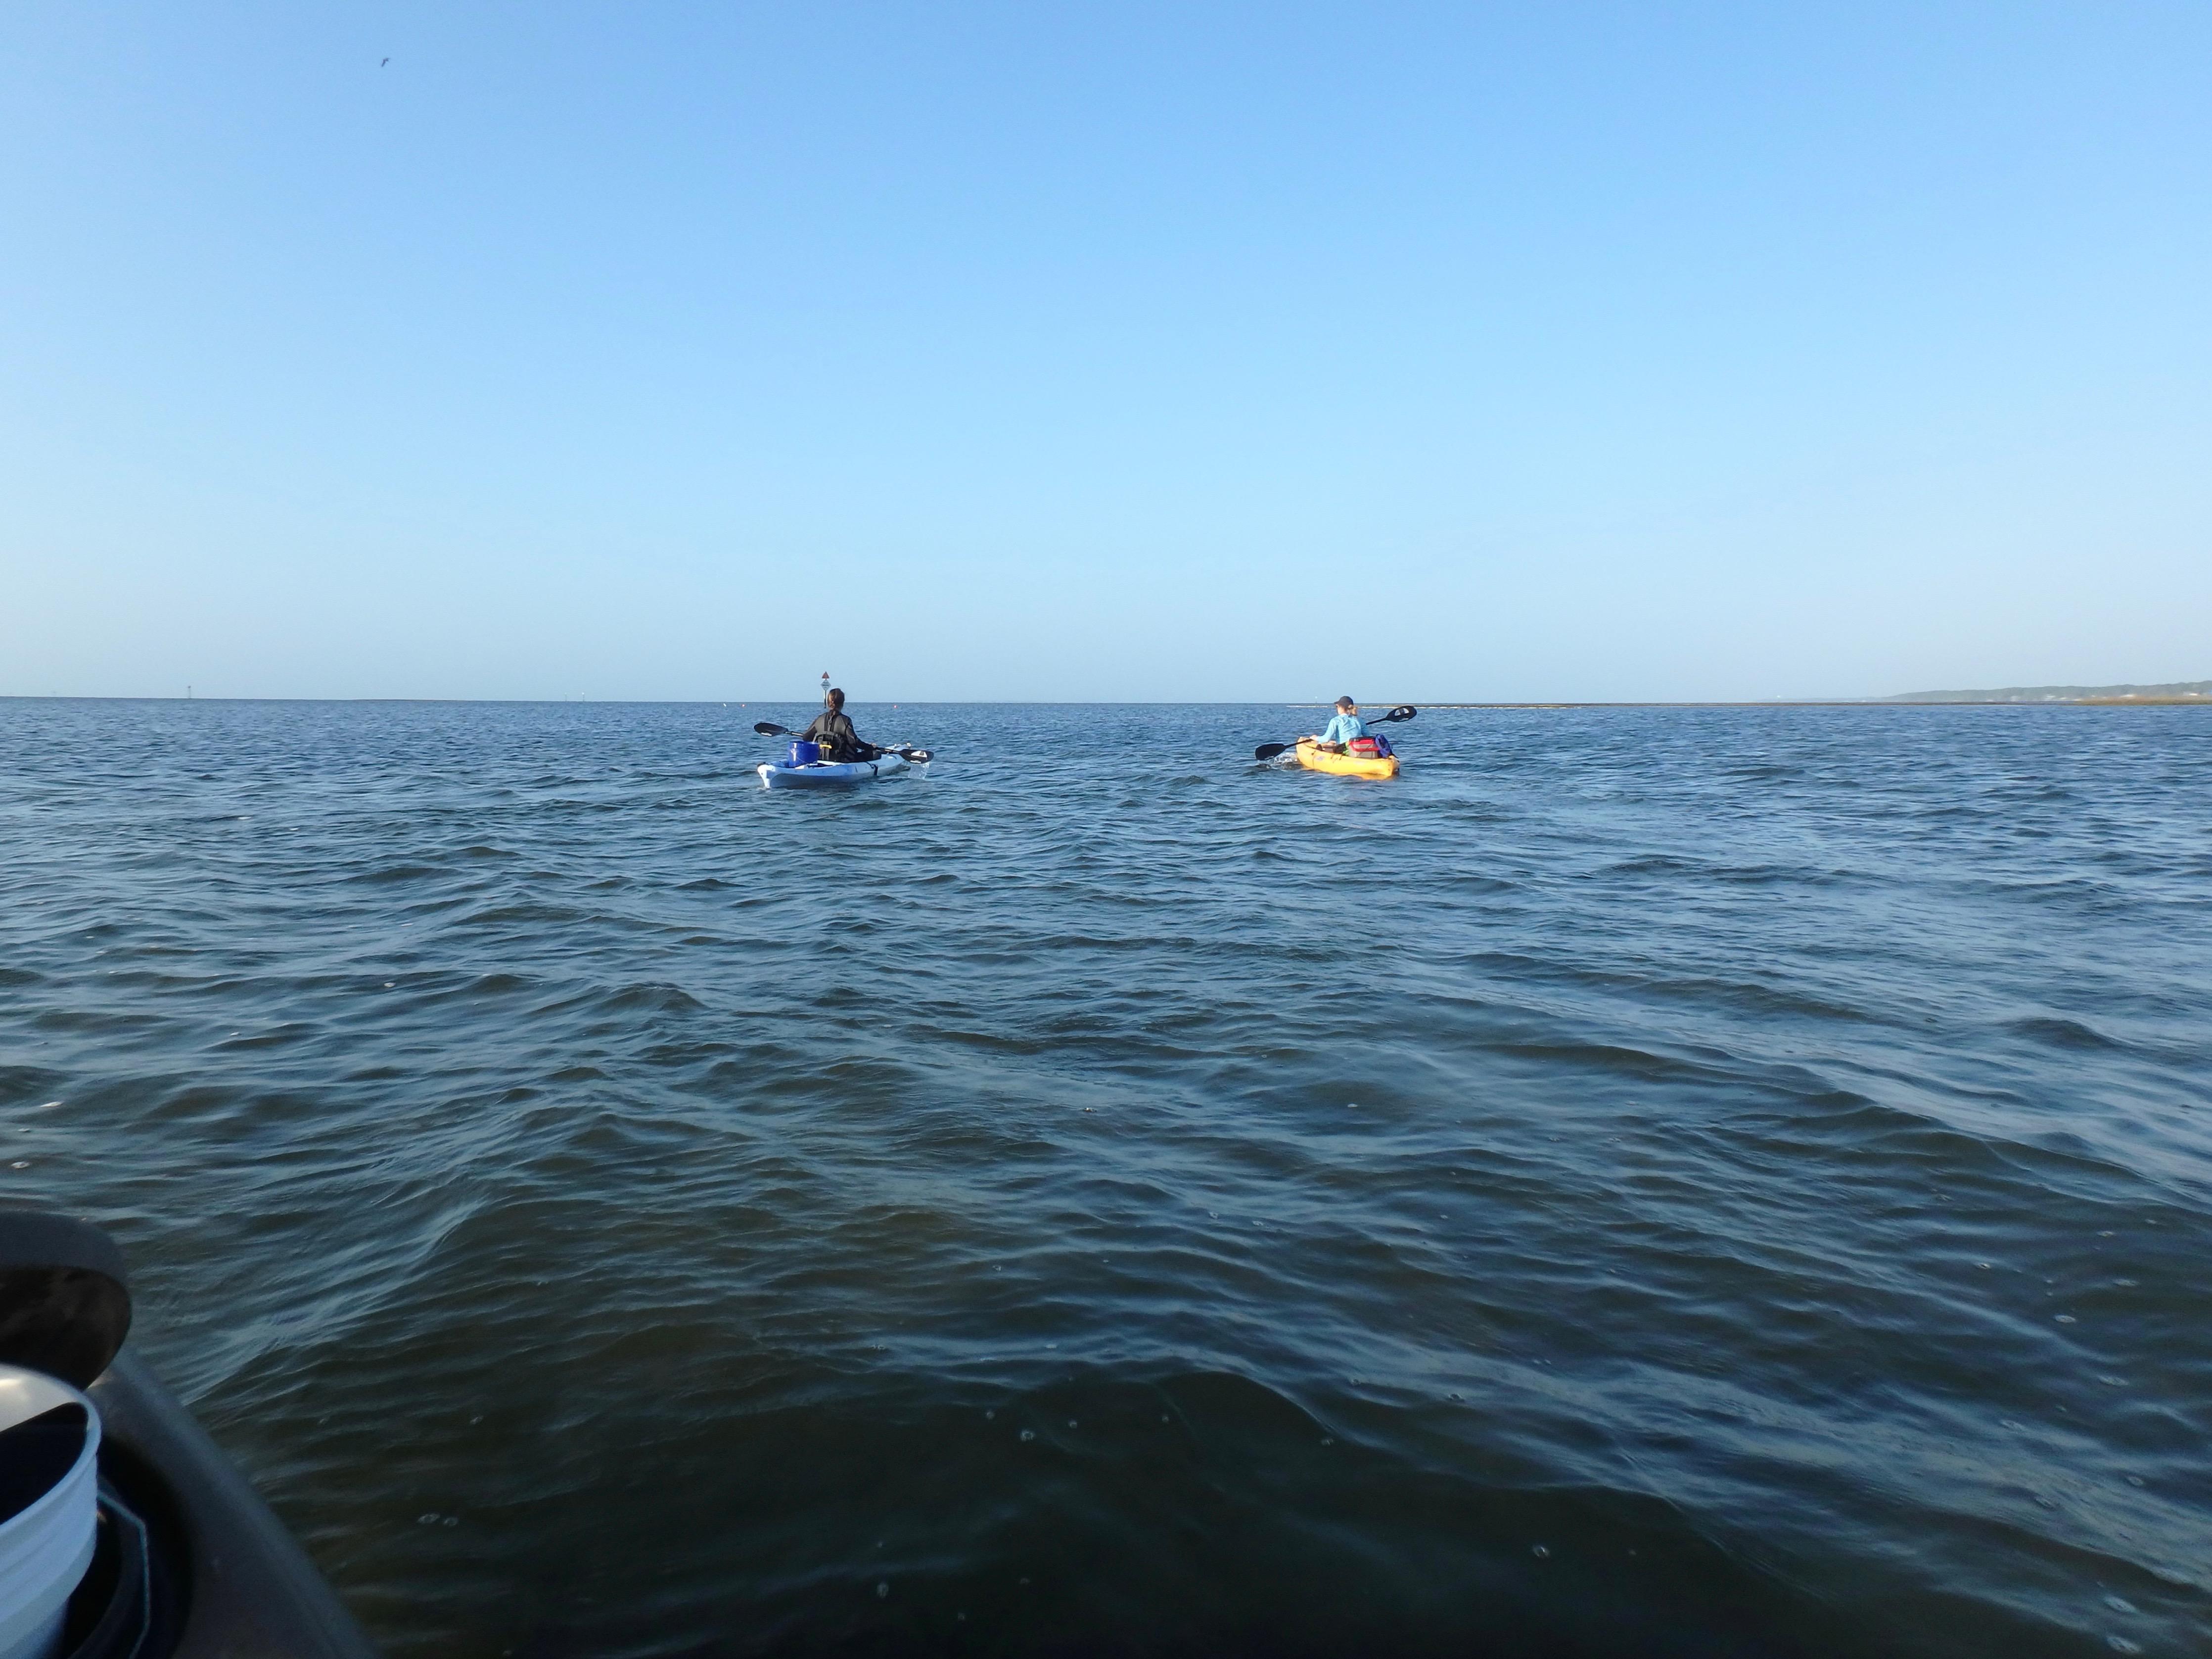 KayakingTurkeyPt